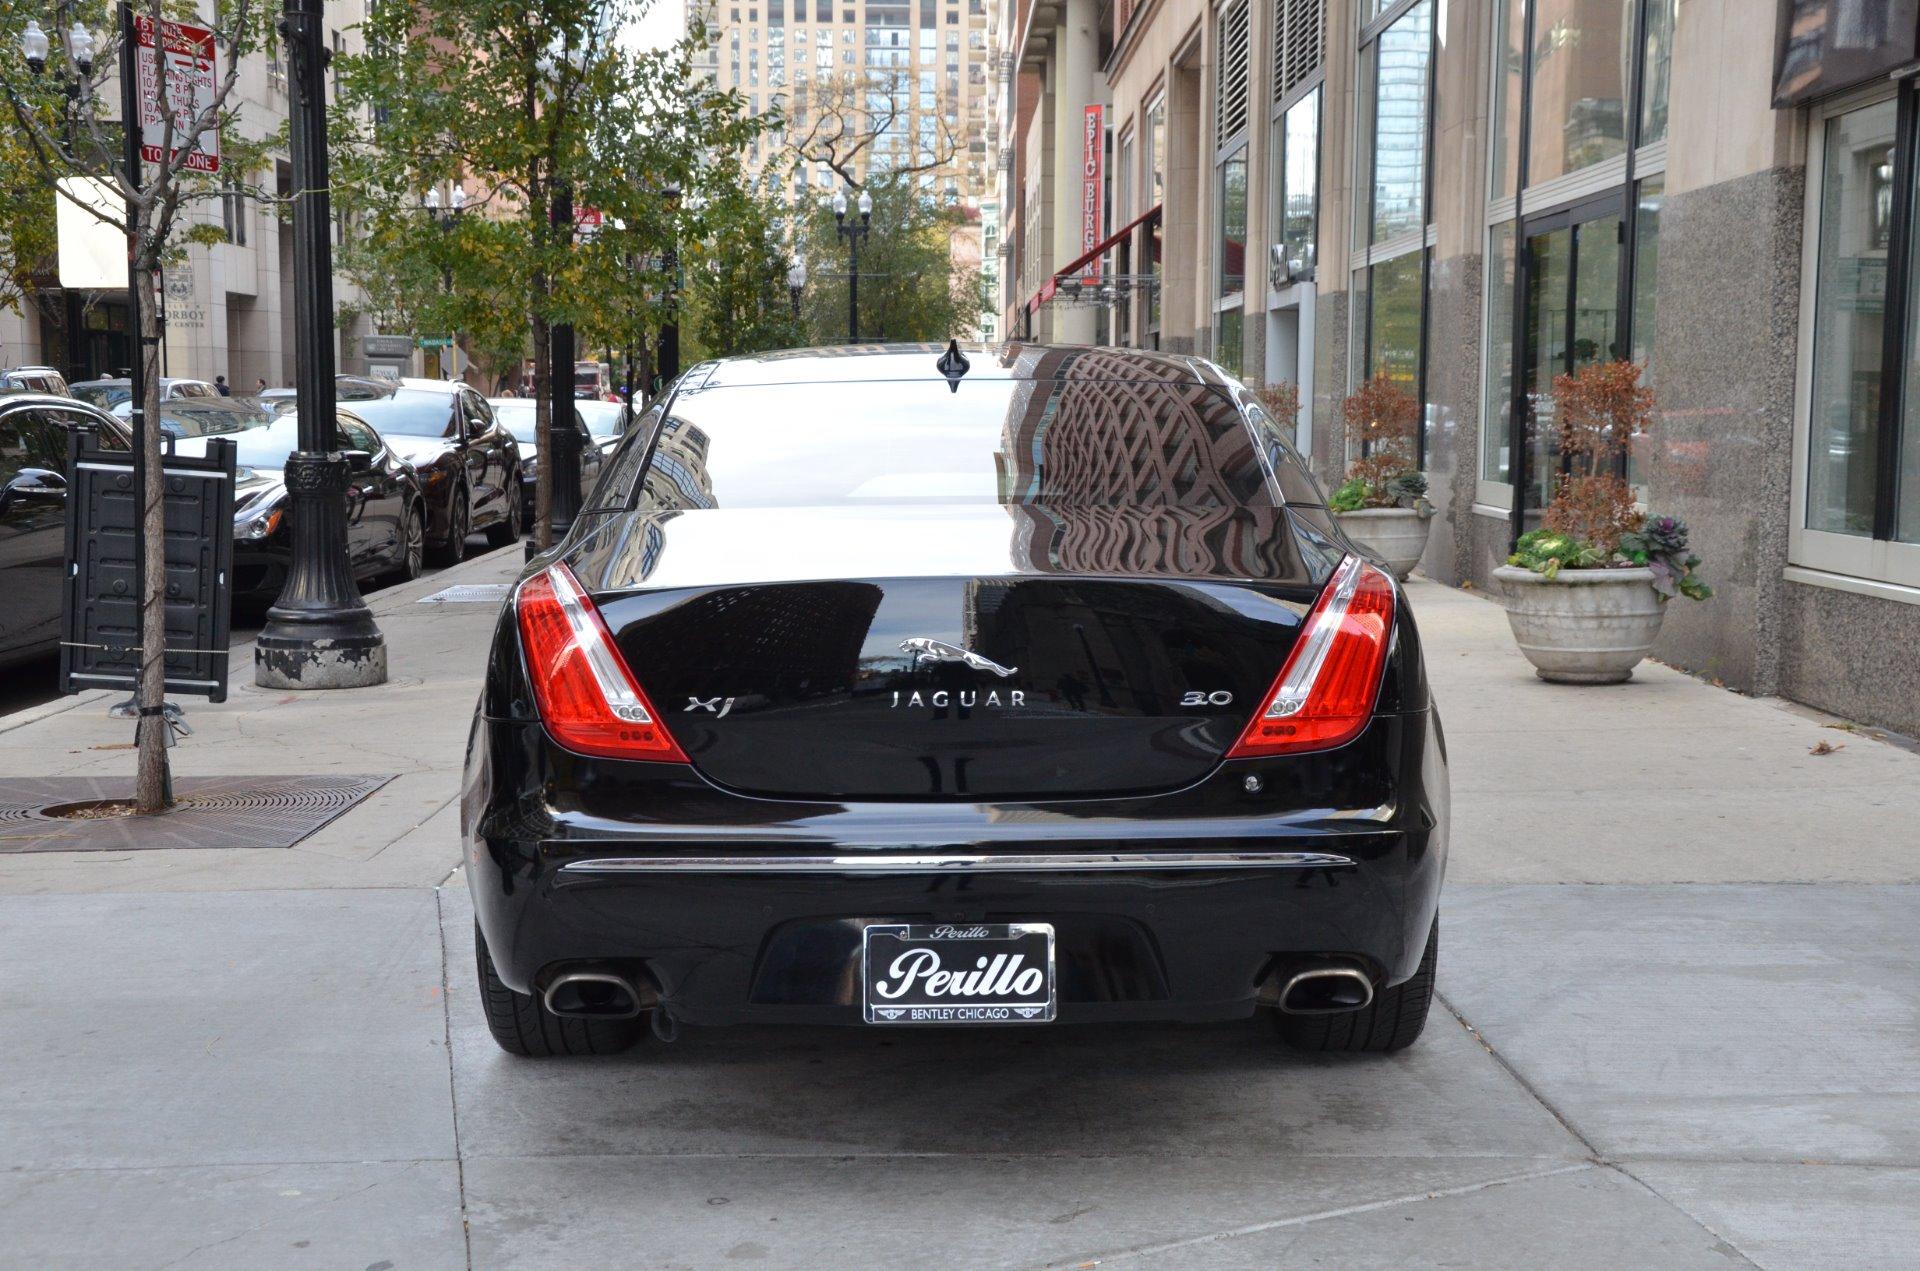 2013 jaguar xj stock m529a for sale near chicago il il jaguar dealer. Black Bedroom Furniture Sets. Home Design Ideas